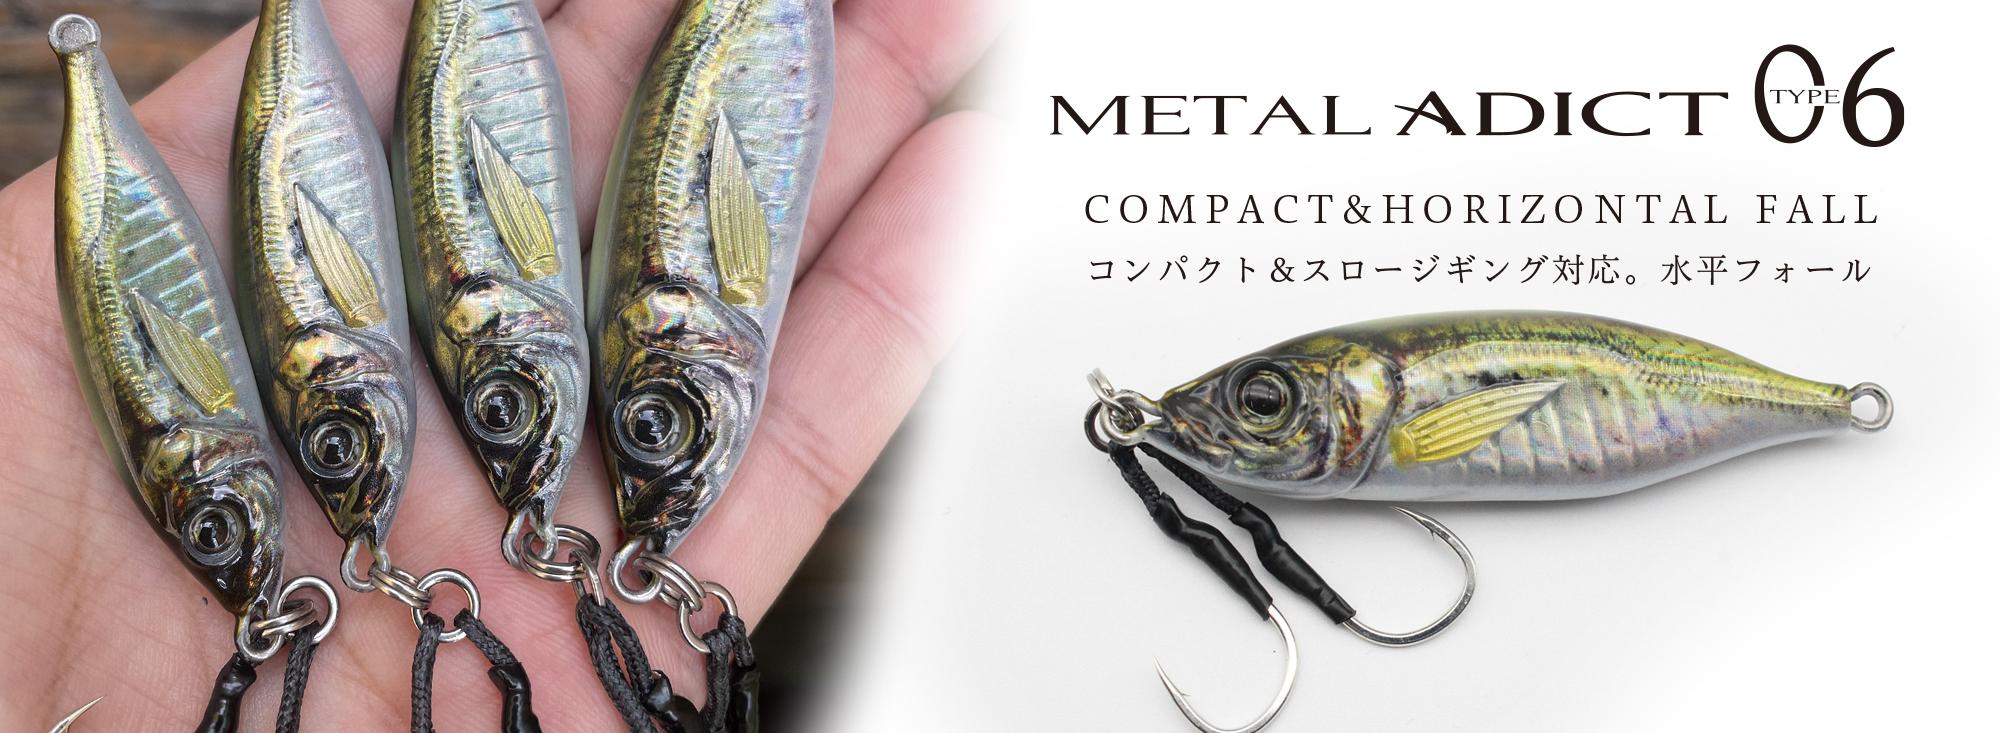 METAL ADICT-06